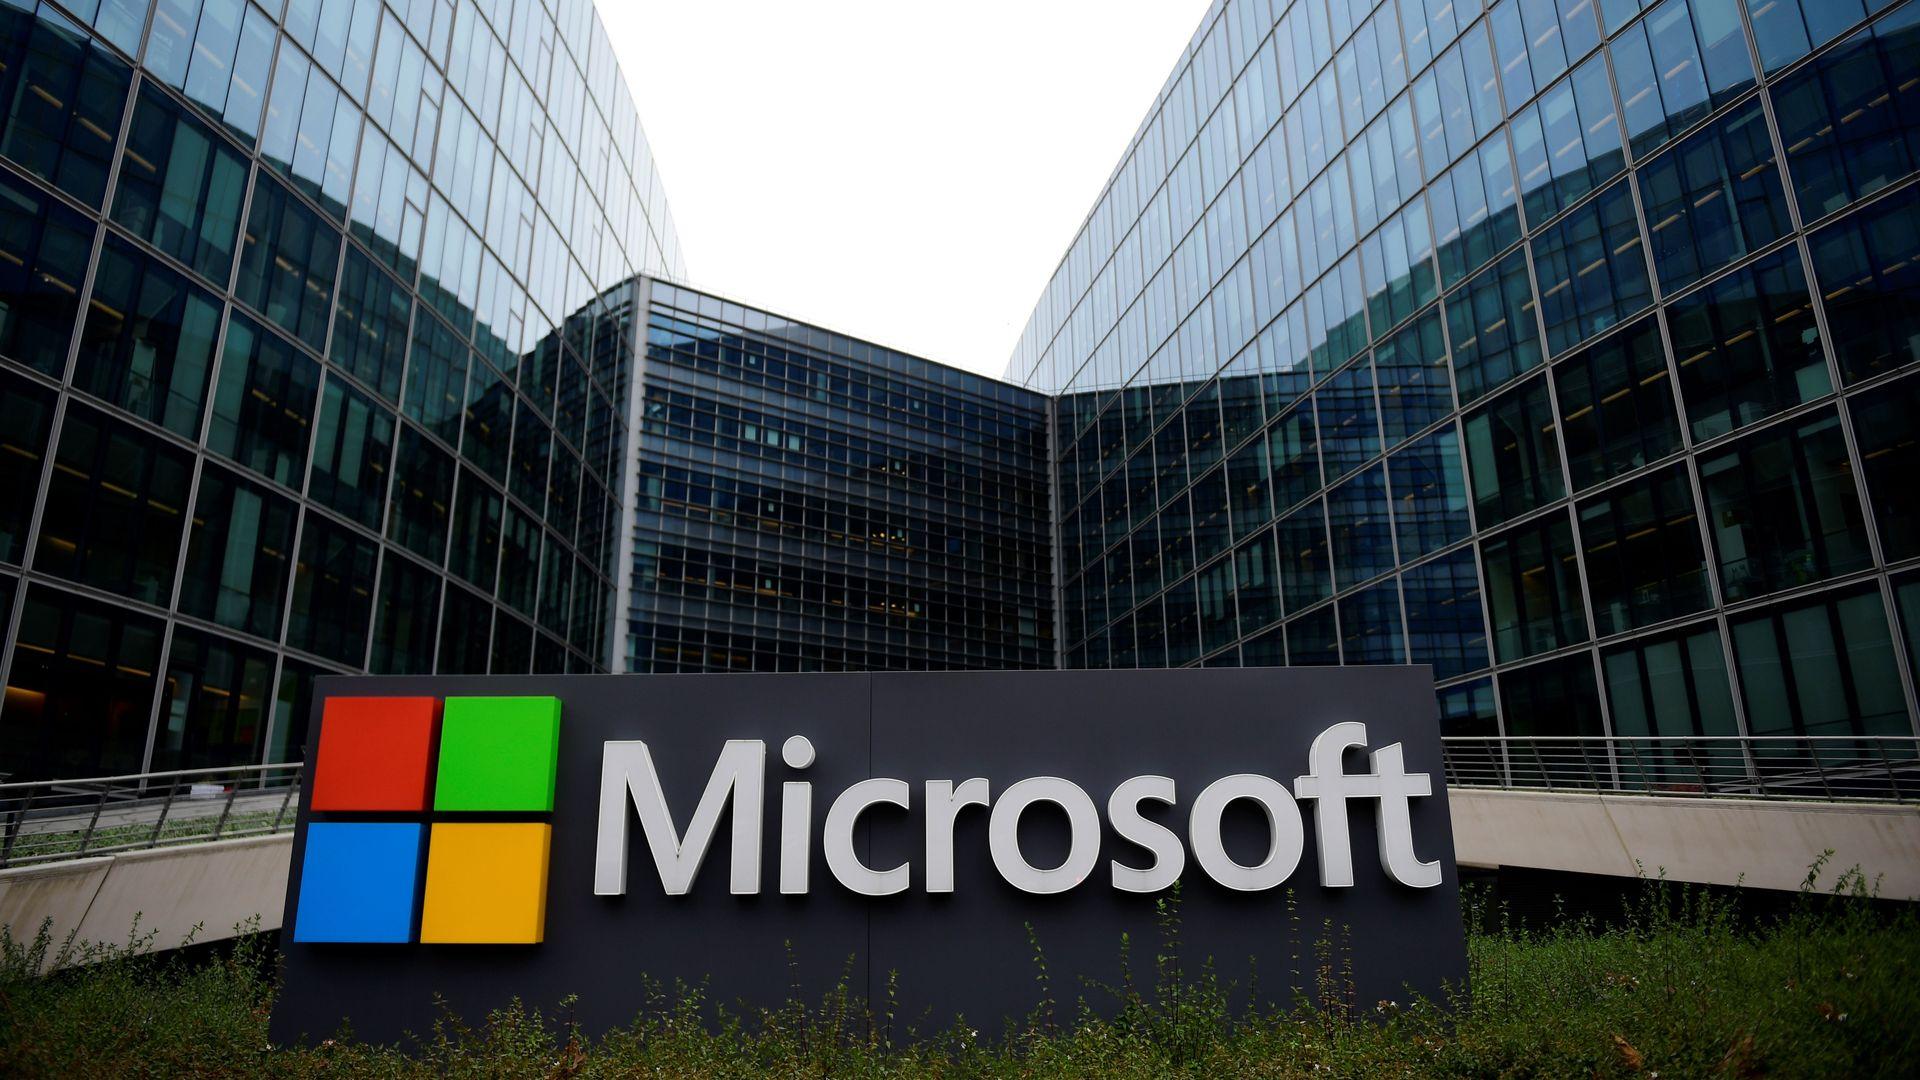 Microsoft headquarters in paris